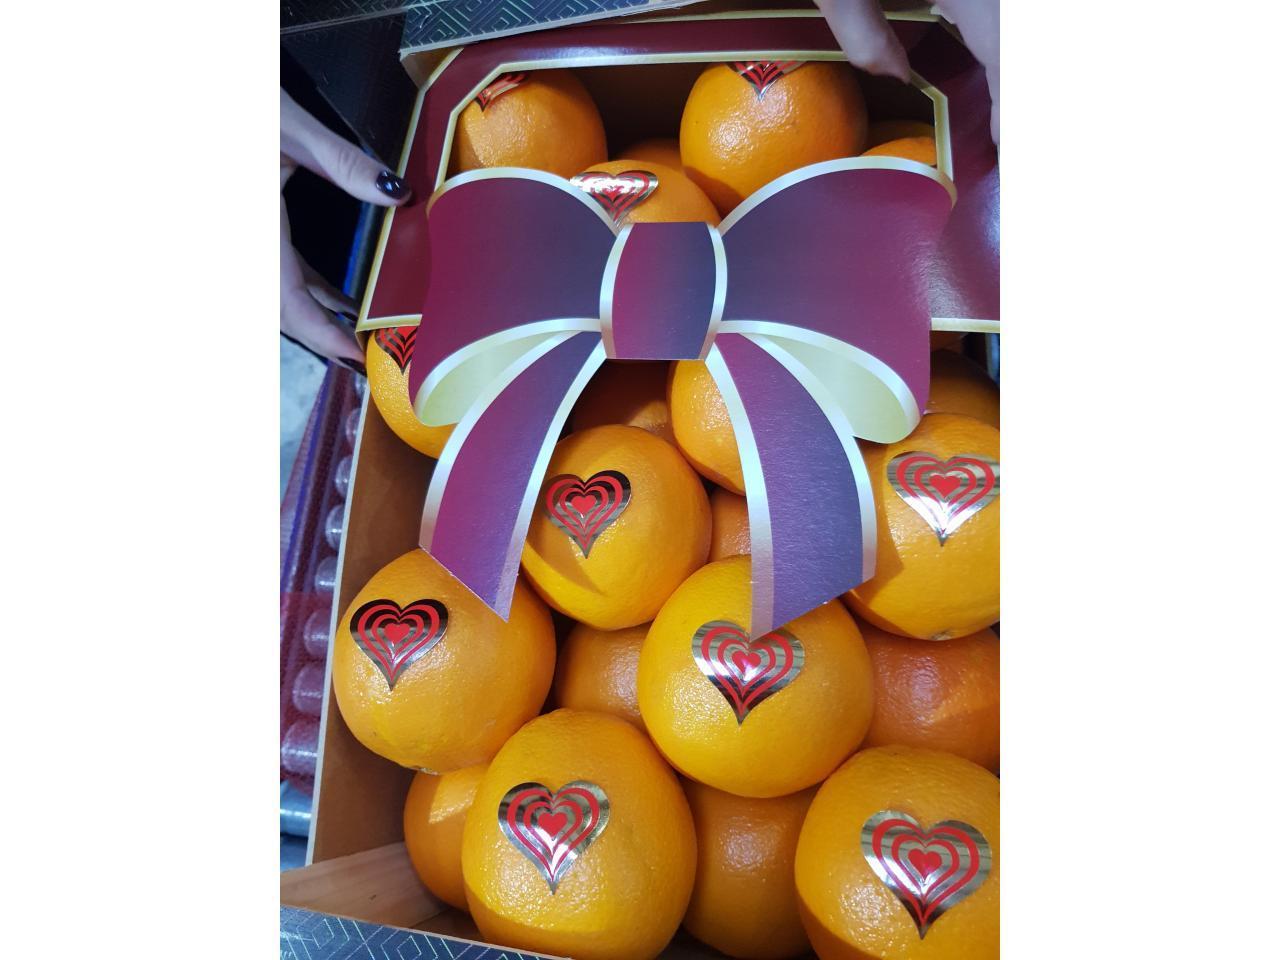 Продаем апельсины из Испании - 6